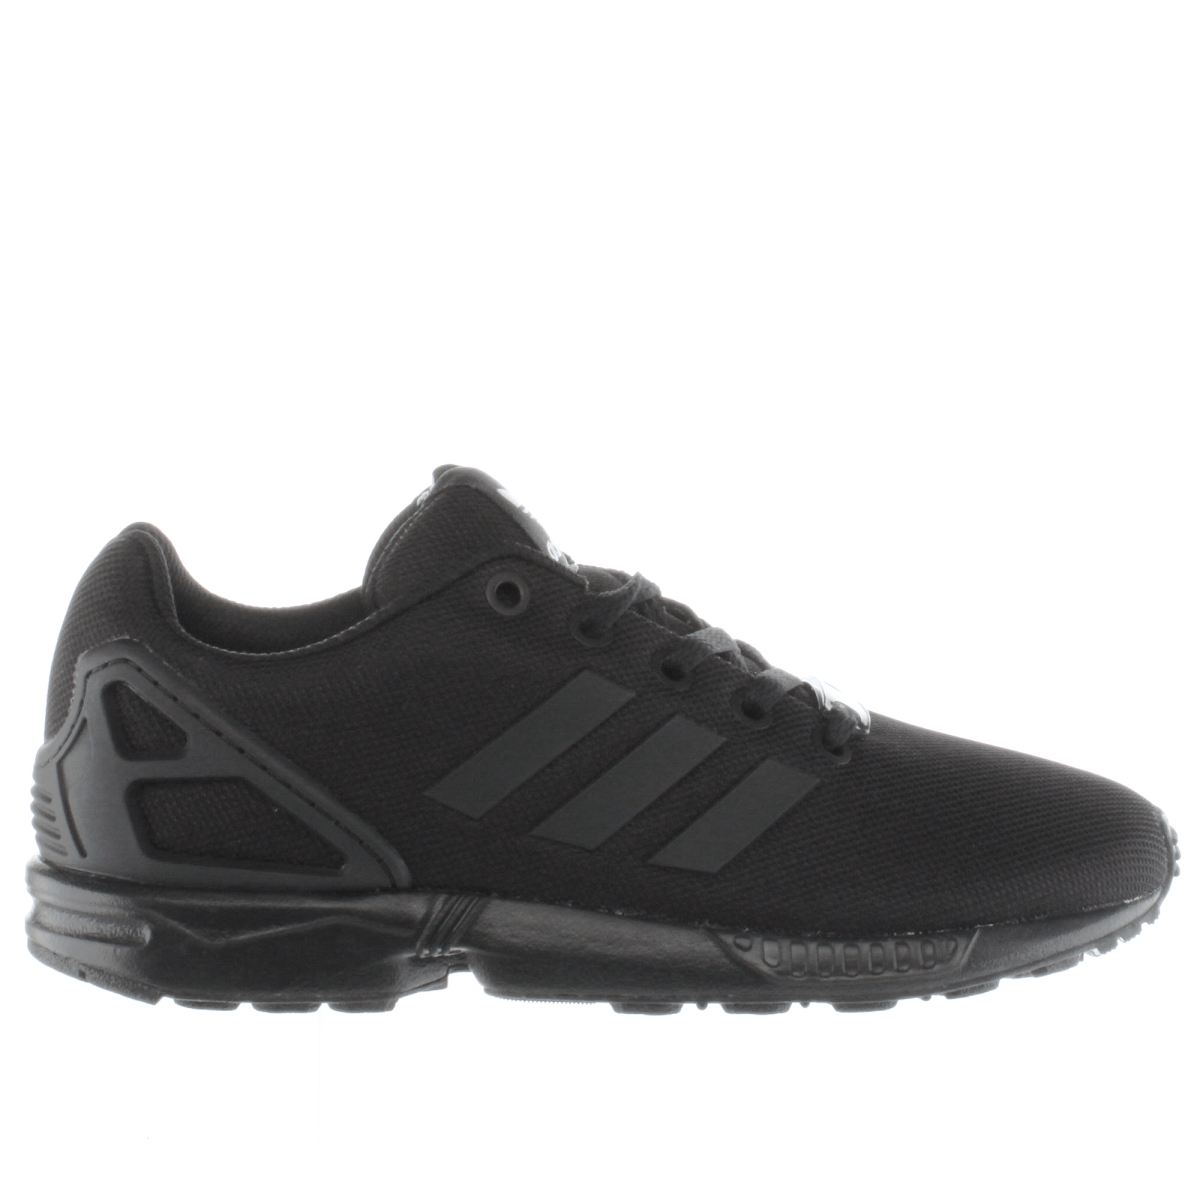 wholesale dealer ed33e 1bd51 Adidas Zx Flux K Black